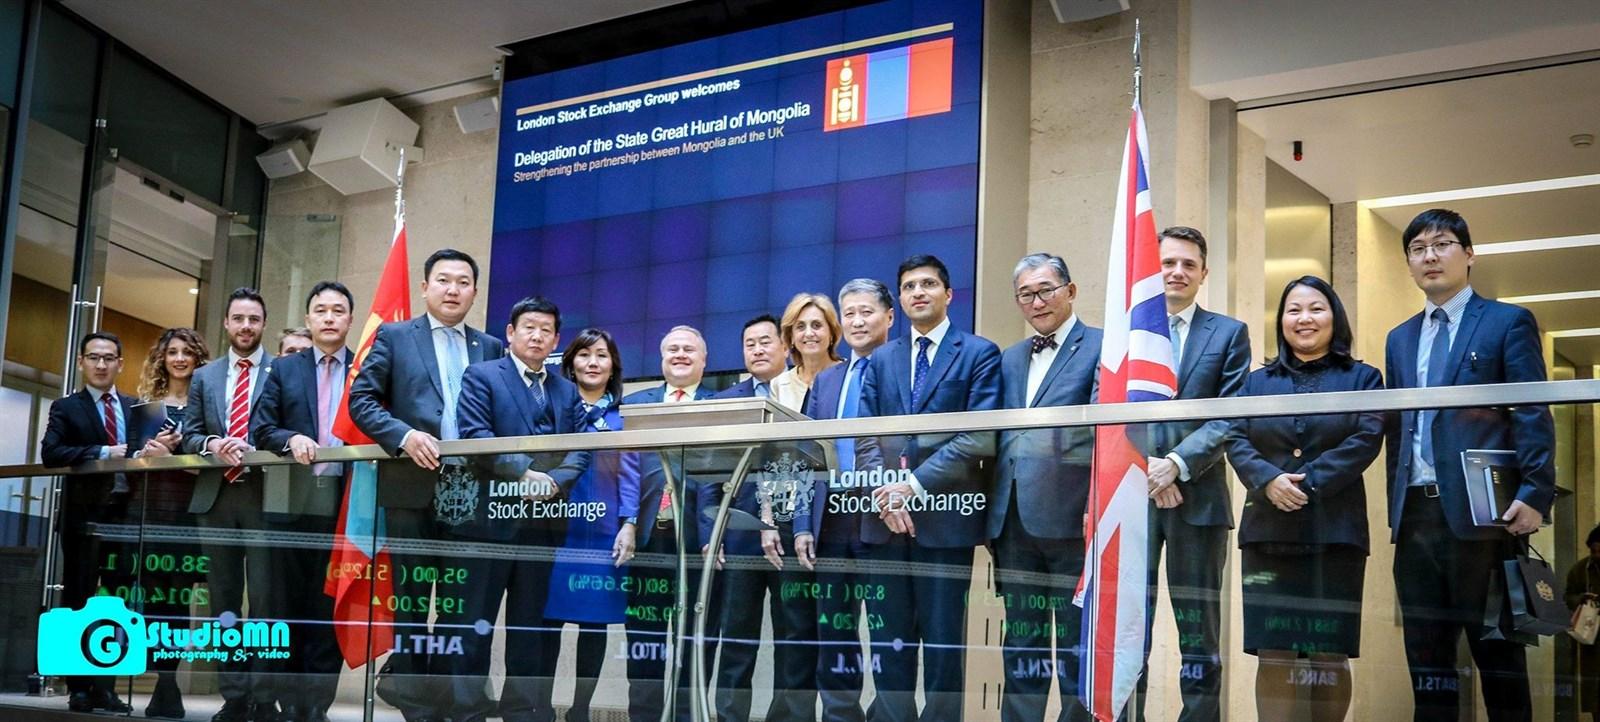 УИХ дахь Монгол-Британийн парламентийн бүлгийн гишүүд Лондон хотноо хийсэн айлчлалаа өндөрлүүллээ